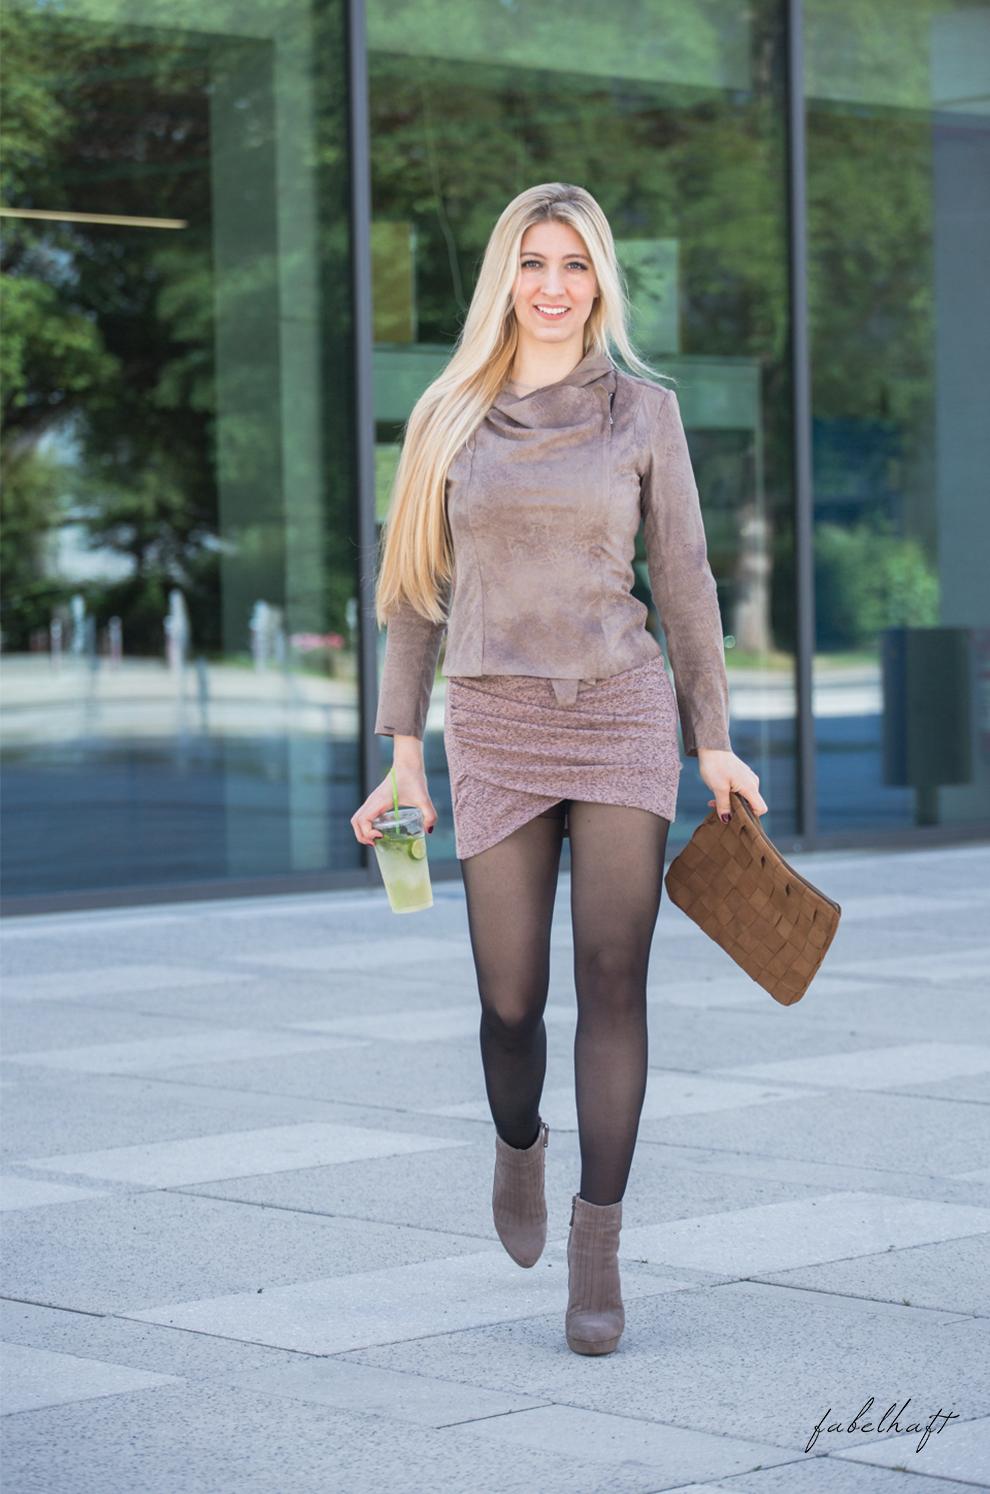 Frühsommer Outfits neutrals soft zarte Töne Farben Malve Beige Blush Rosé Blond Blogger Mode Fashion Trend Sommer 3